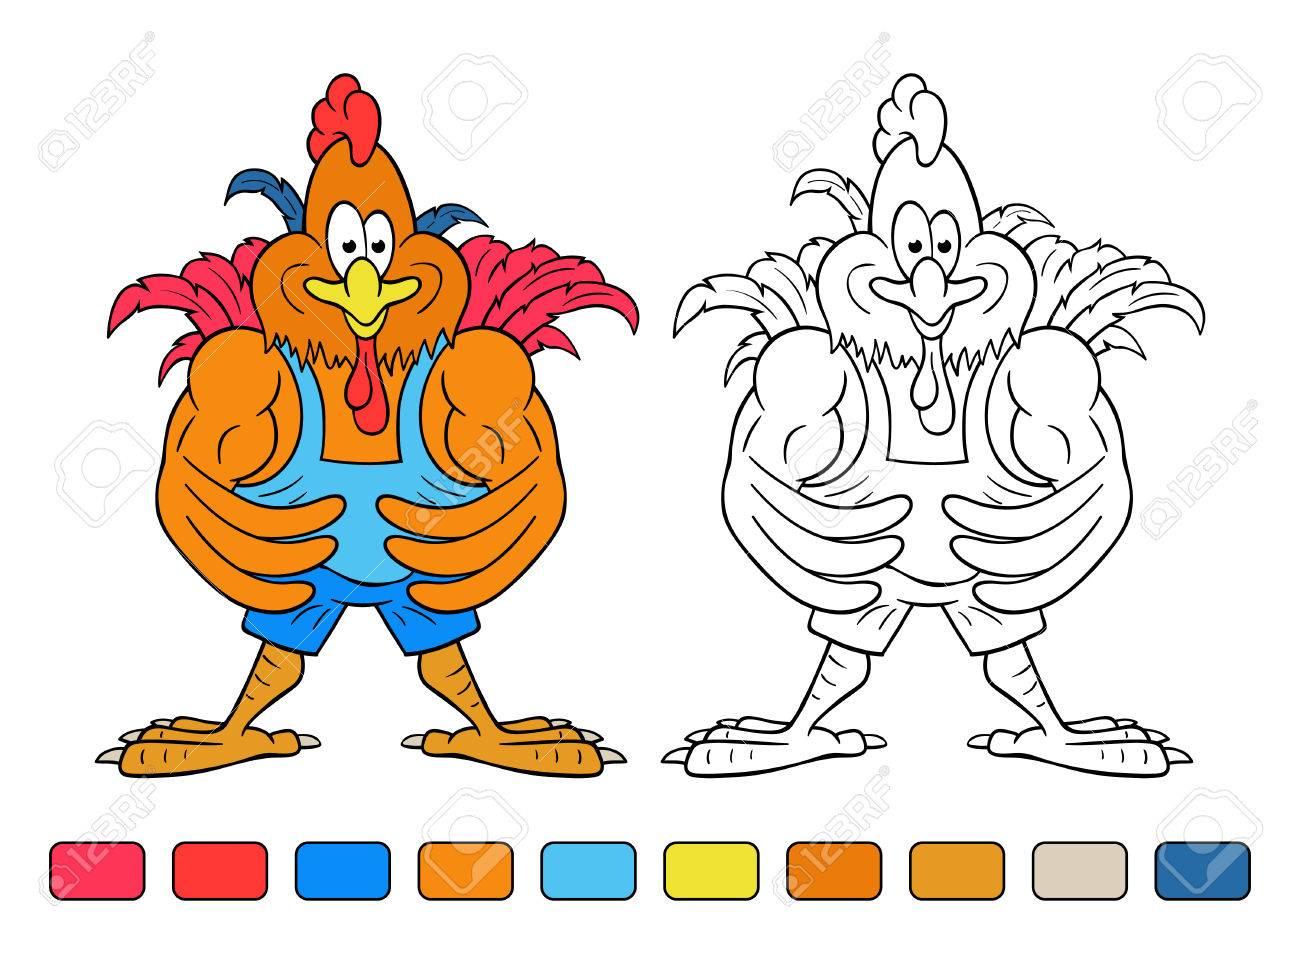 Divertidos Dibujos Animados Gallo-culturista Muestra Sus Enormes ...